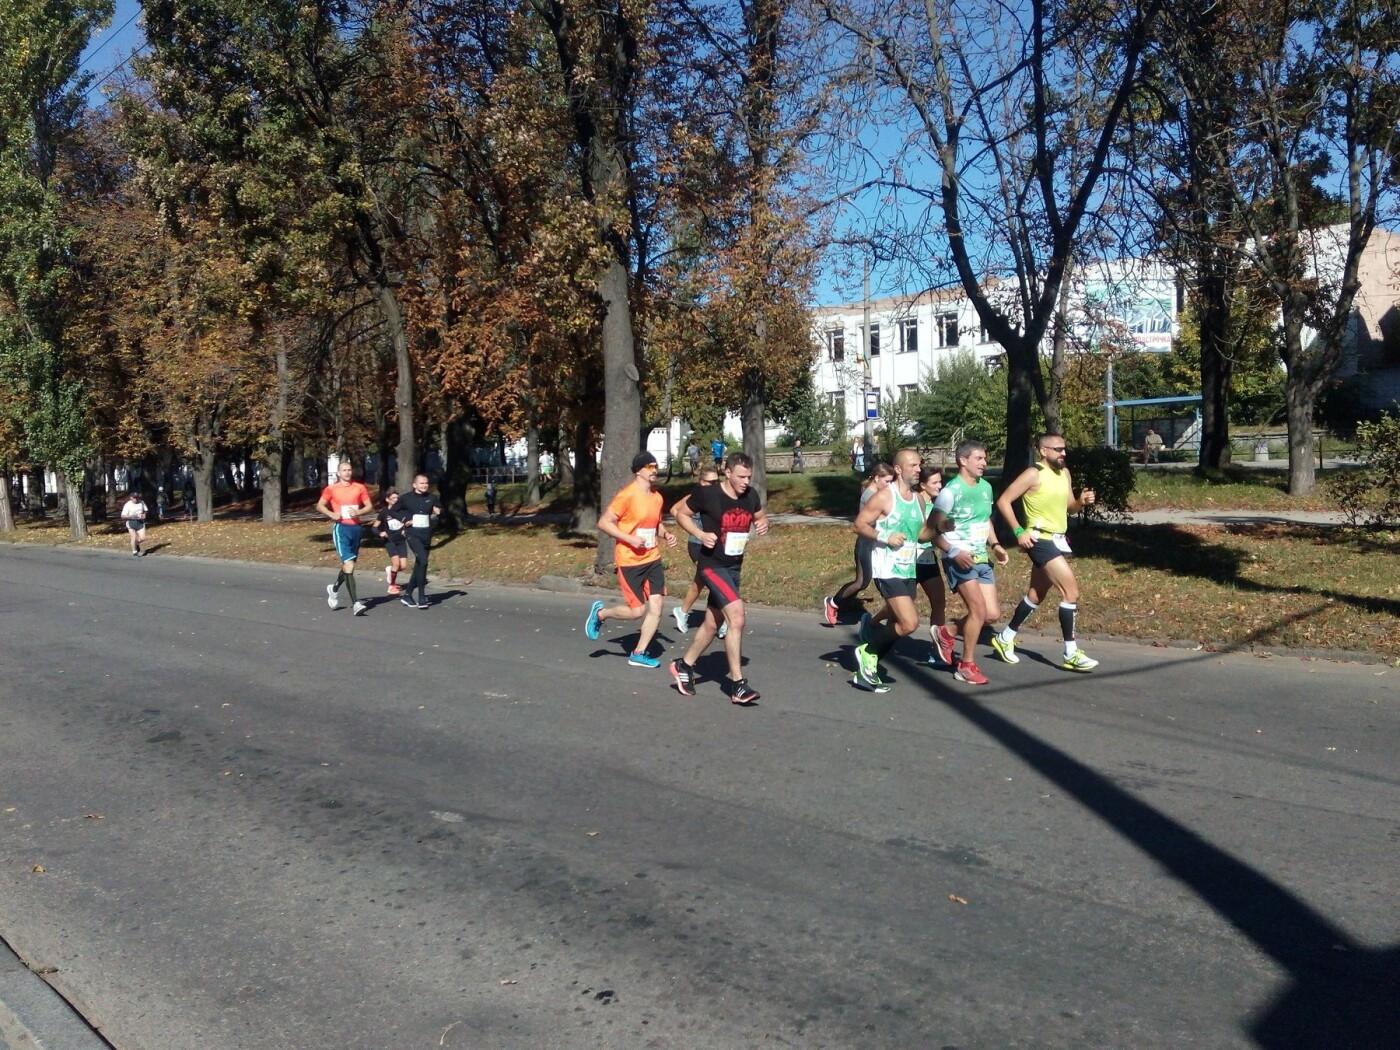 Понад 700 осіб взяли участь в Міжнародному Білоцерківському марафоні, фото-8